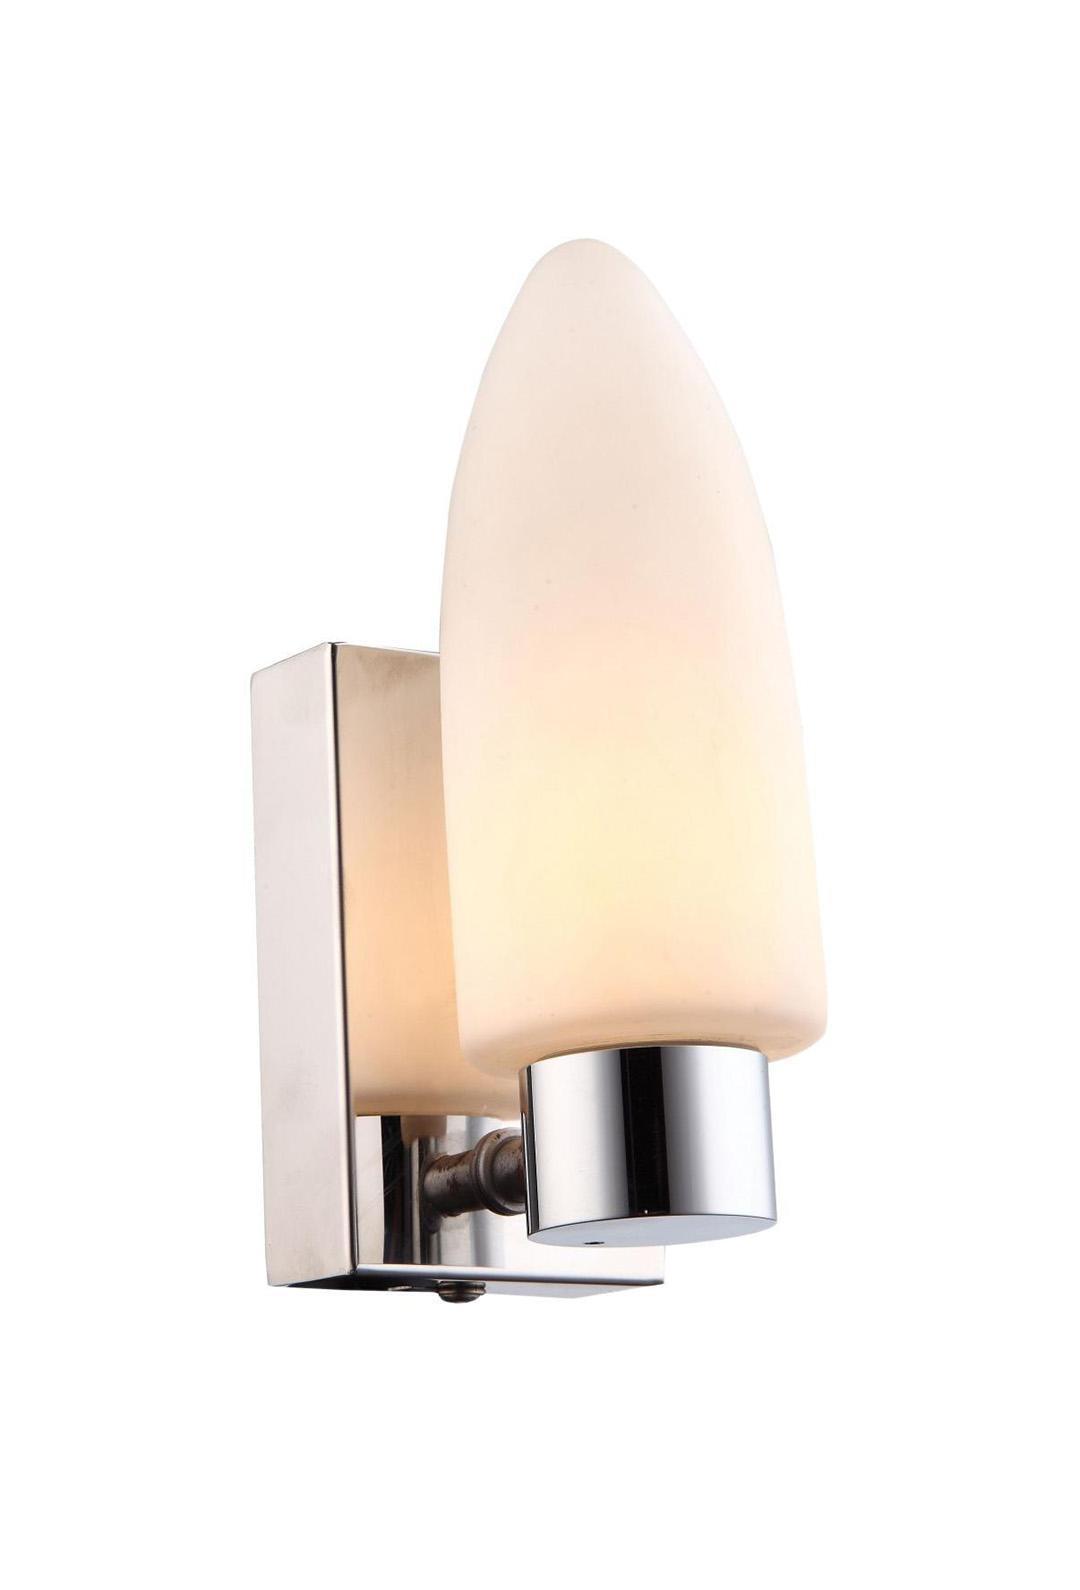 Светильник для ванной комнаты Arte lampСветильники для ванных комнат<br>Стиль светильника: модерн,<br>Назначение светильника: для ванной комнаты,<br>Материал светильника: стекло,<br>Ширина: 100,<br>Высота: 160,<br>Мощность: 33,<br>Количество ламп: 1,<br>Тип лампы: накаливания,<br>Патрон: G9,<br>Цвет арматуры: хром,<br>Вес нетто: 0.4<br>